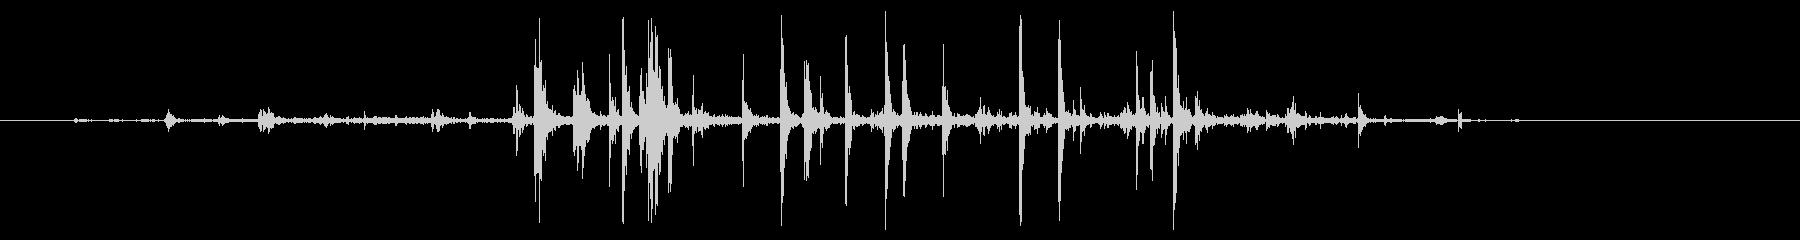 ショートカリカリボーンブレイク、フ...の未再生の波形